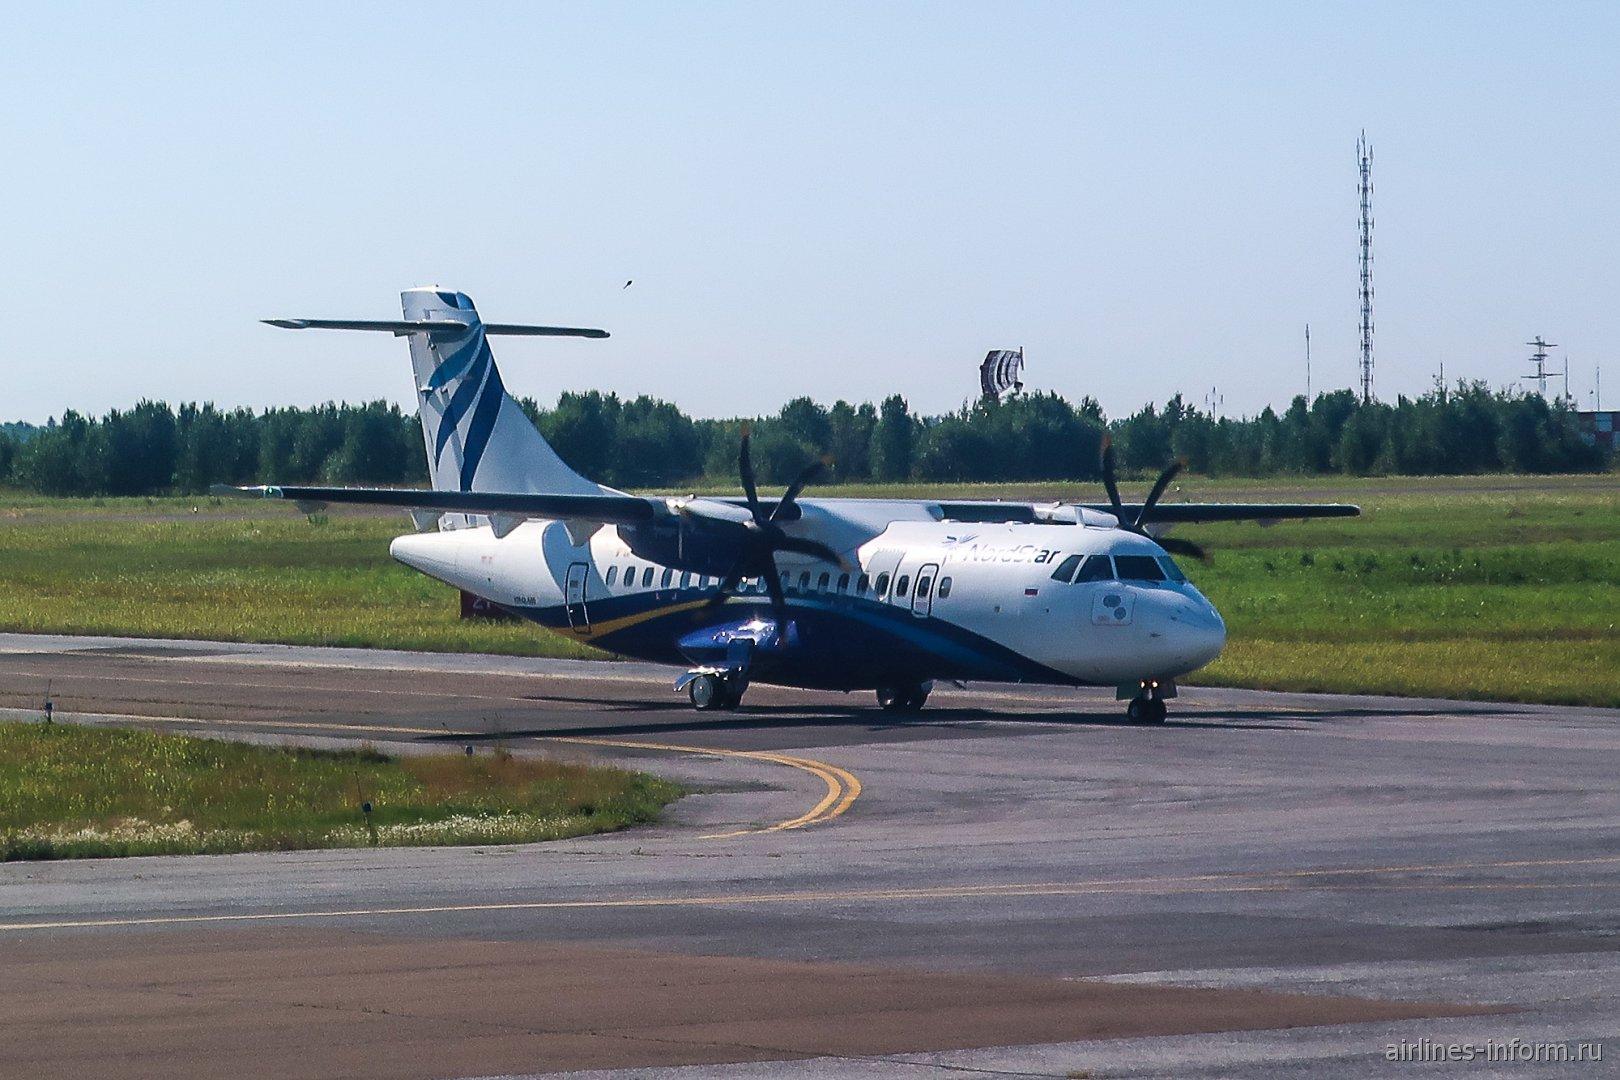 Самолет ATR 42-500 авиакомпании NordStar в аэропорту Томска